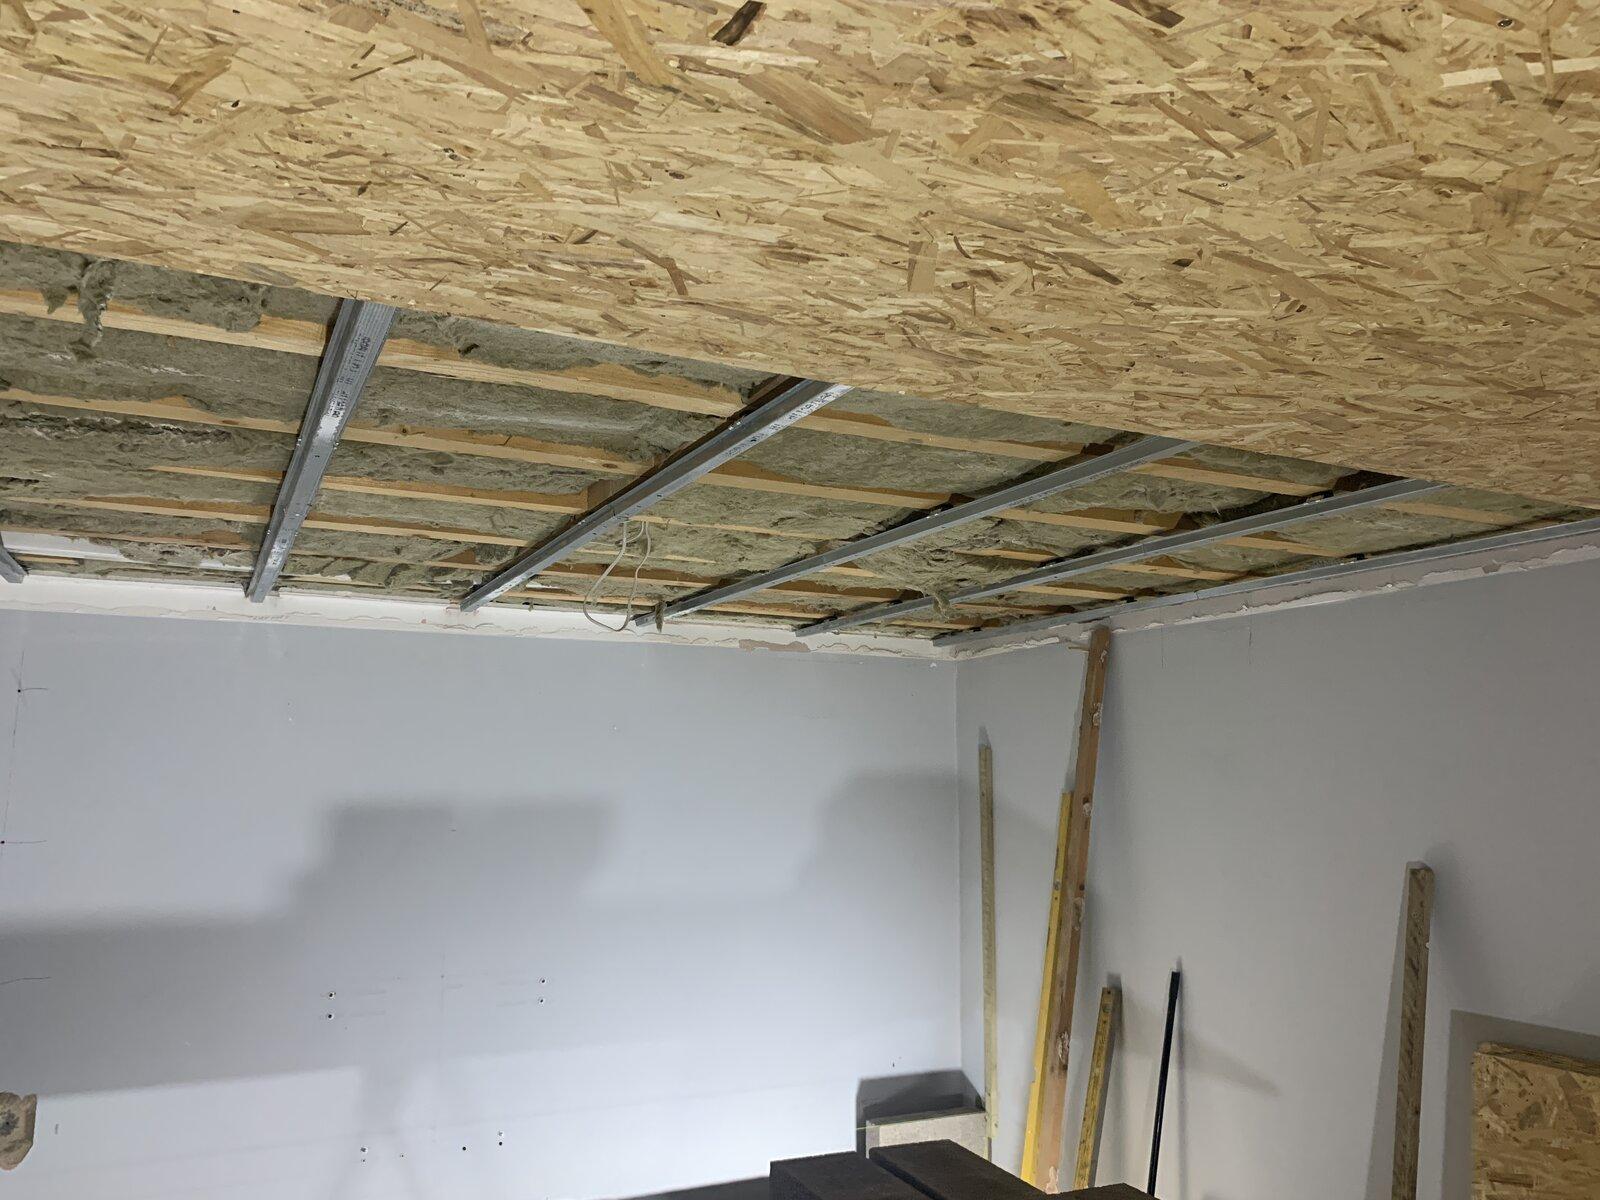 18mm OSB board on ceiling